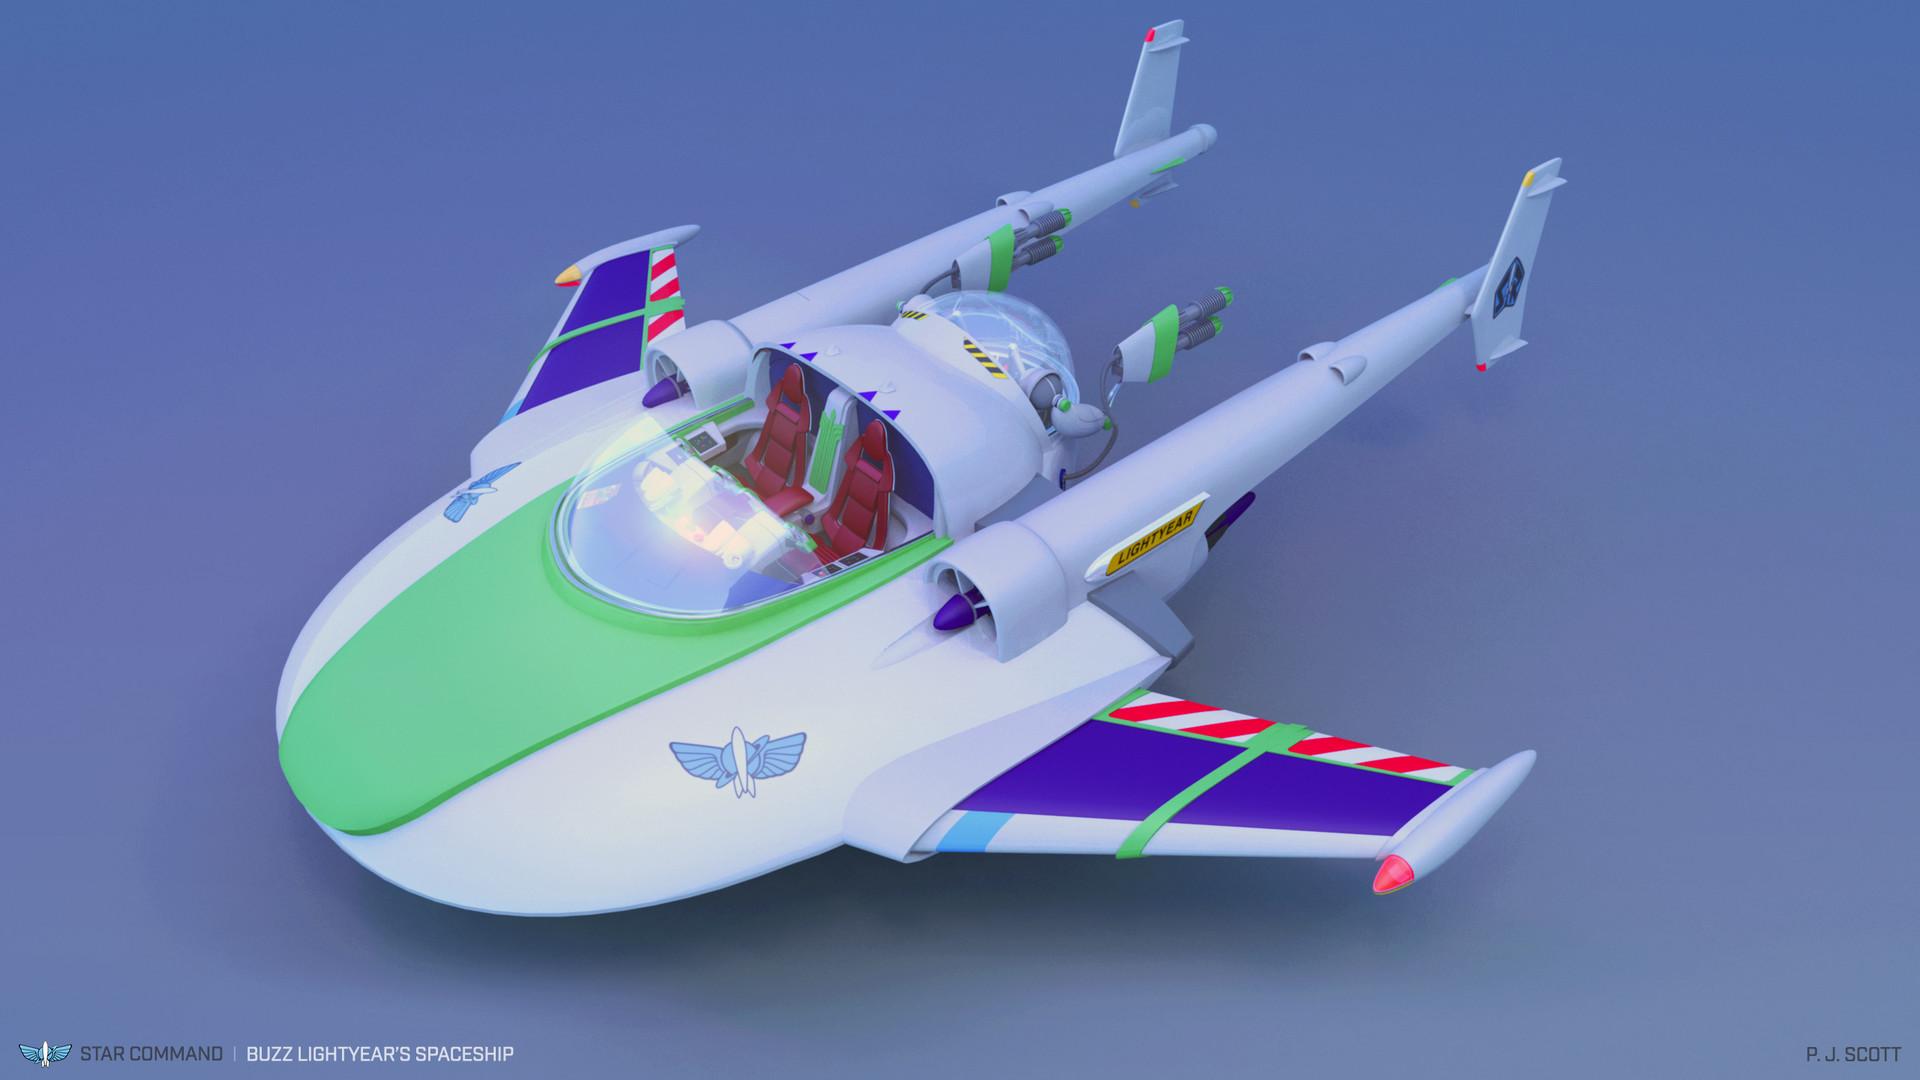 pete-scott-buzz-lightyear-spaceship-09.j